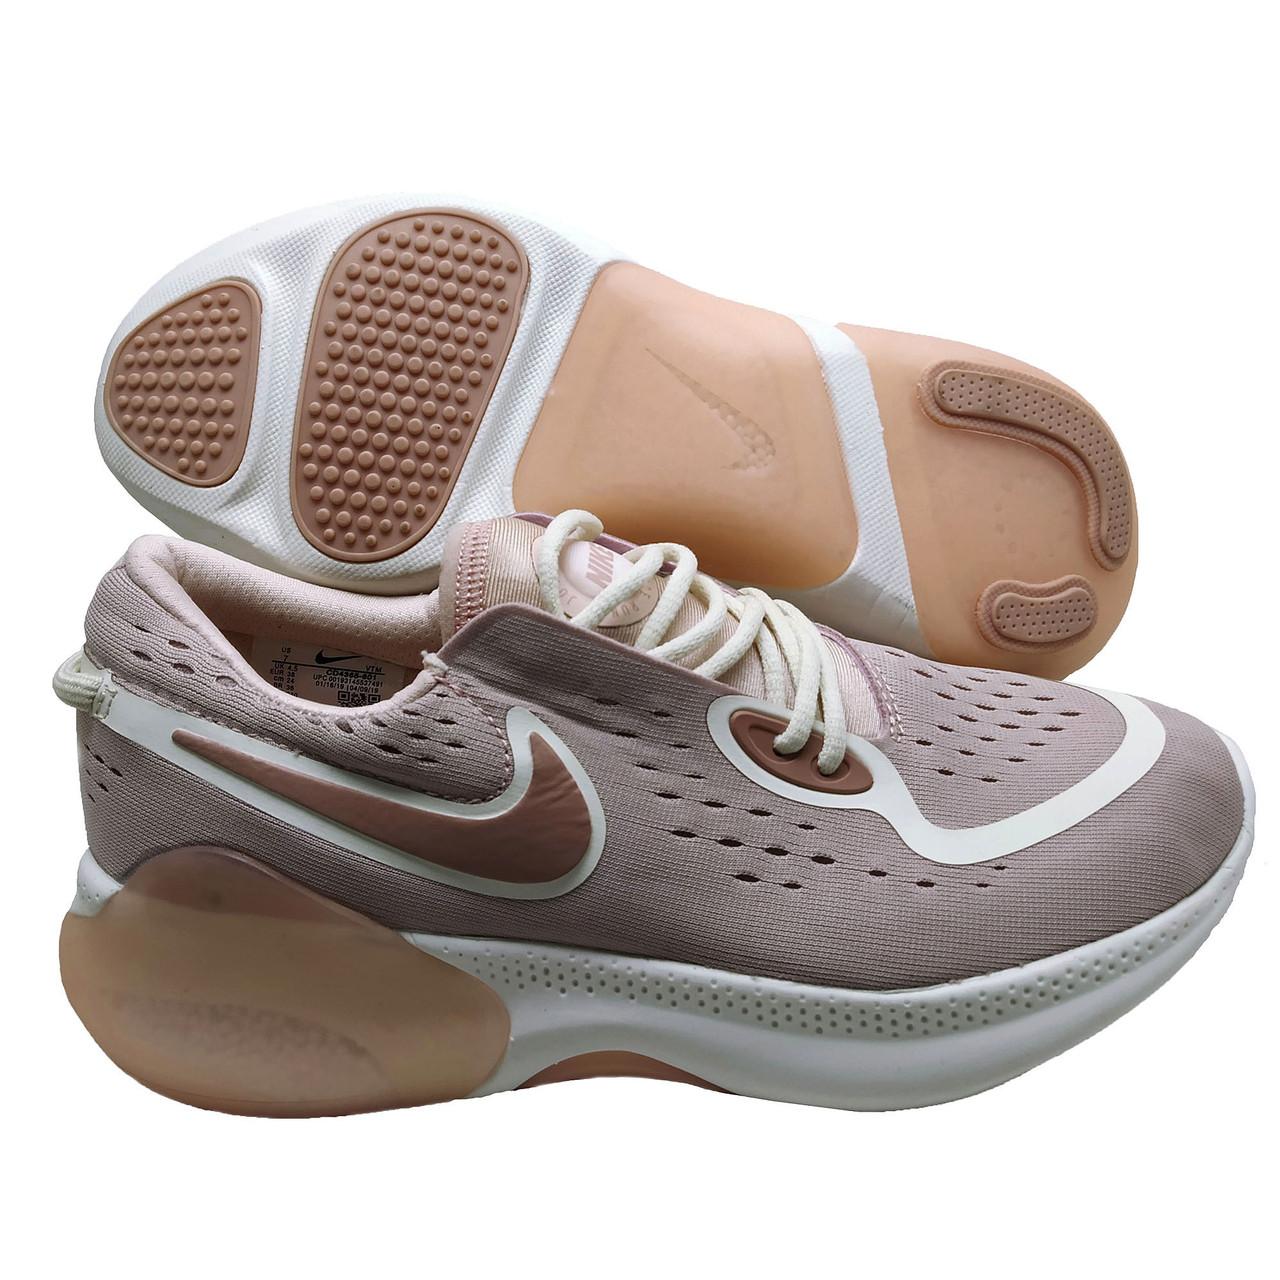 Кроссовки женские беговые в стиле Nike Joyride Run пудровые пастельные оттенки легкие текстильные